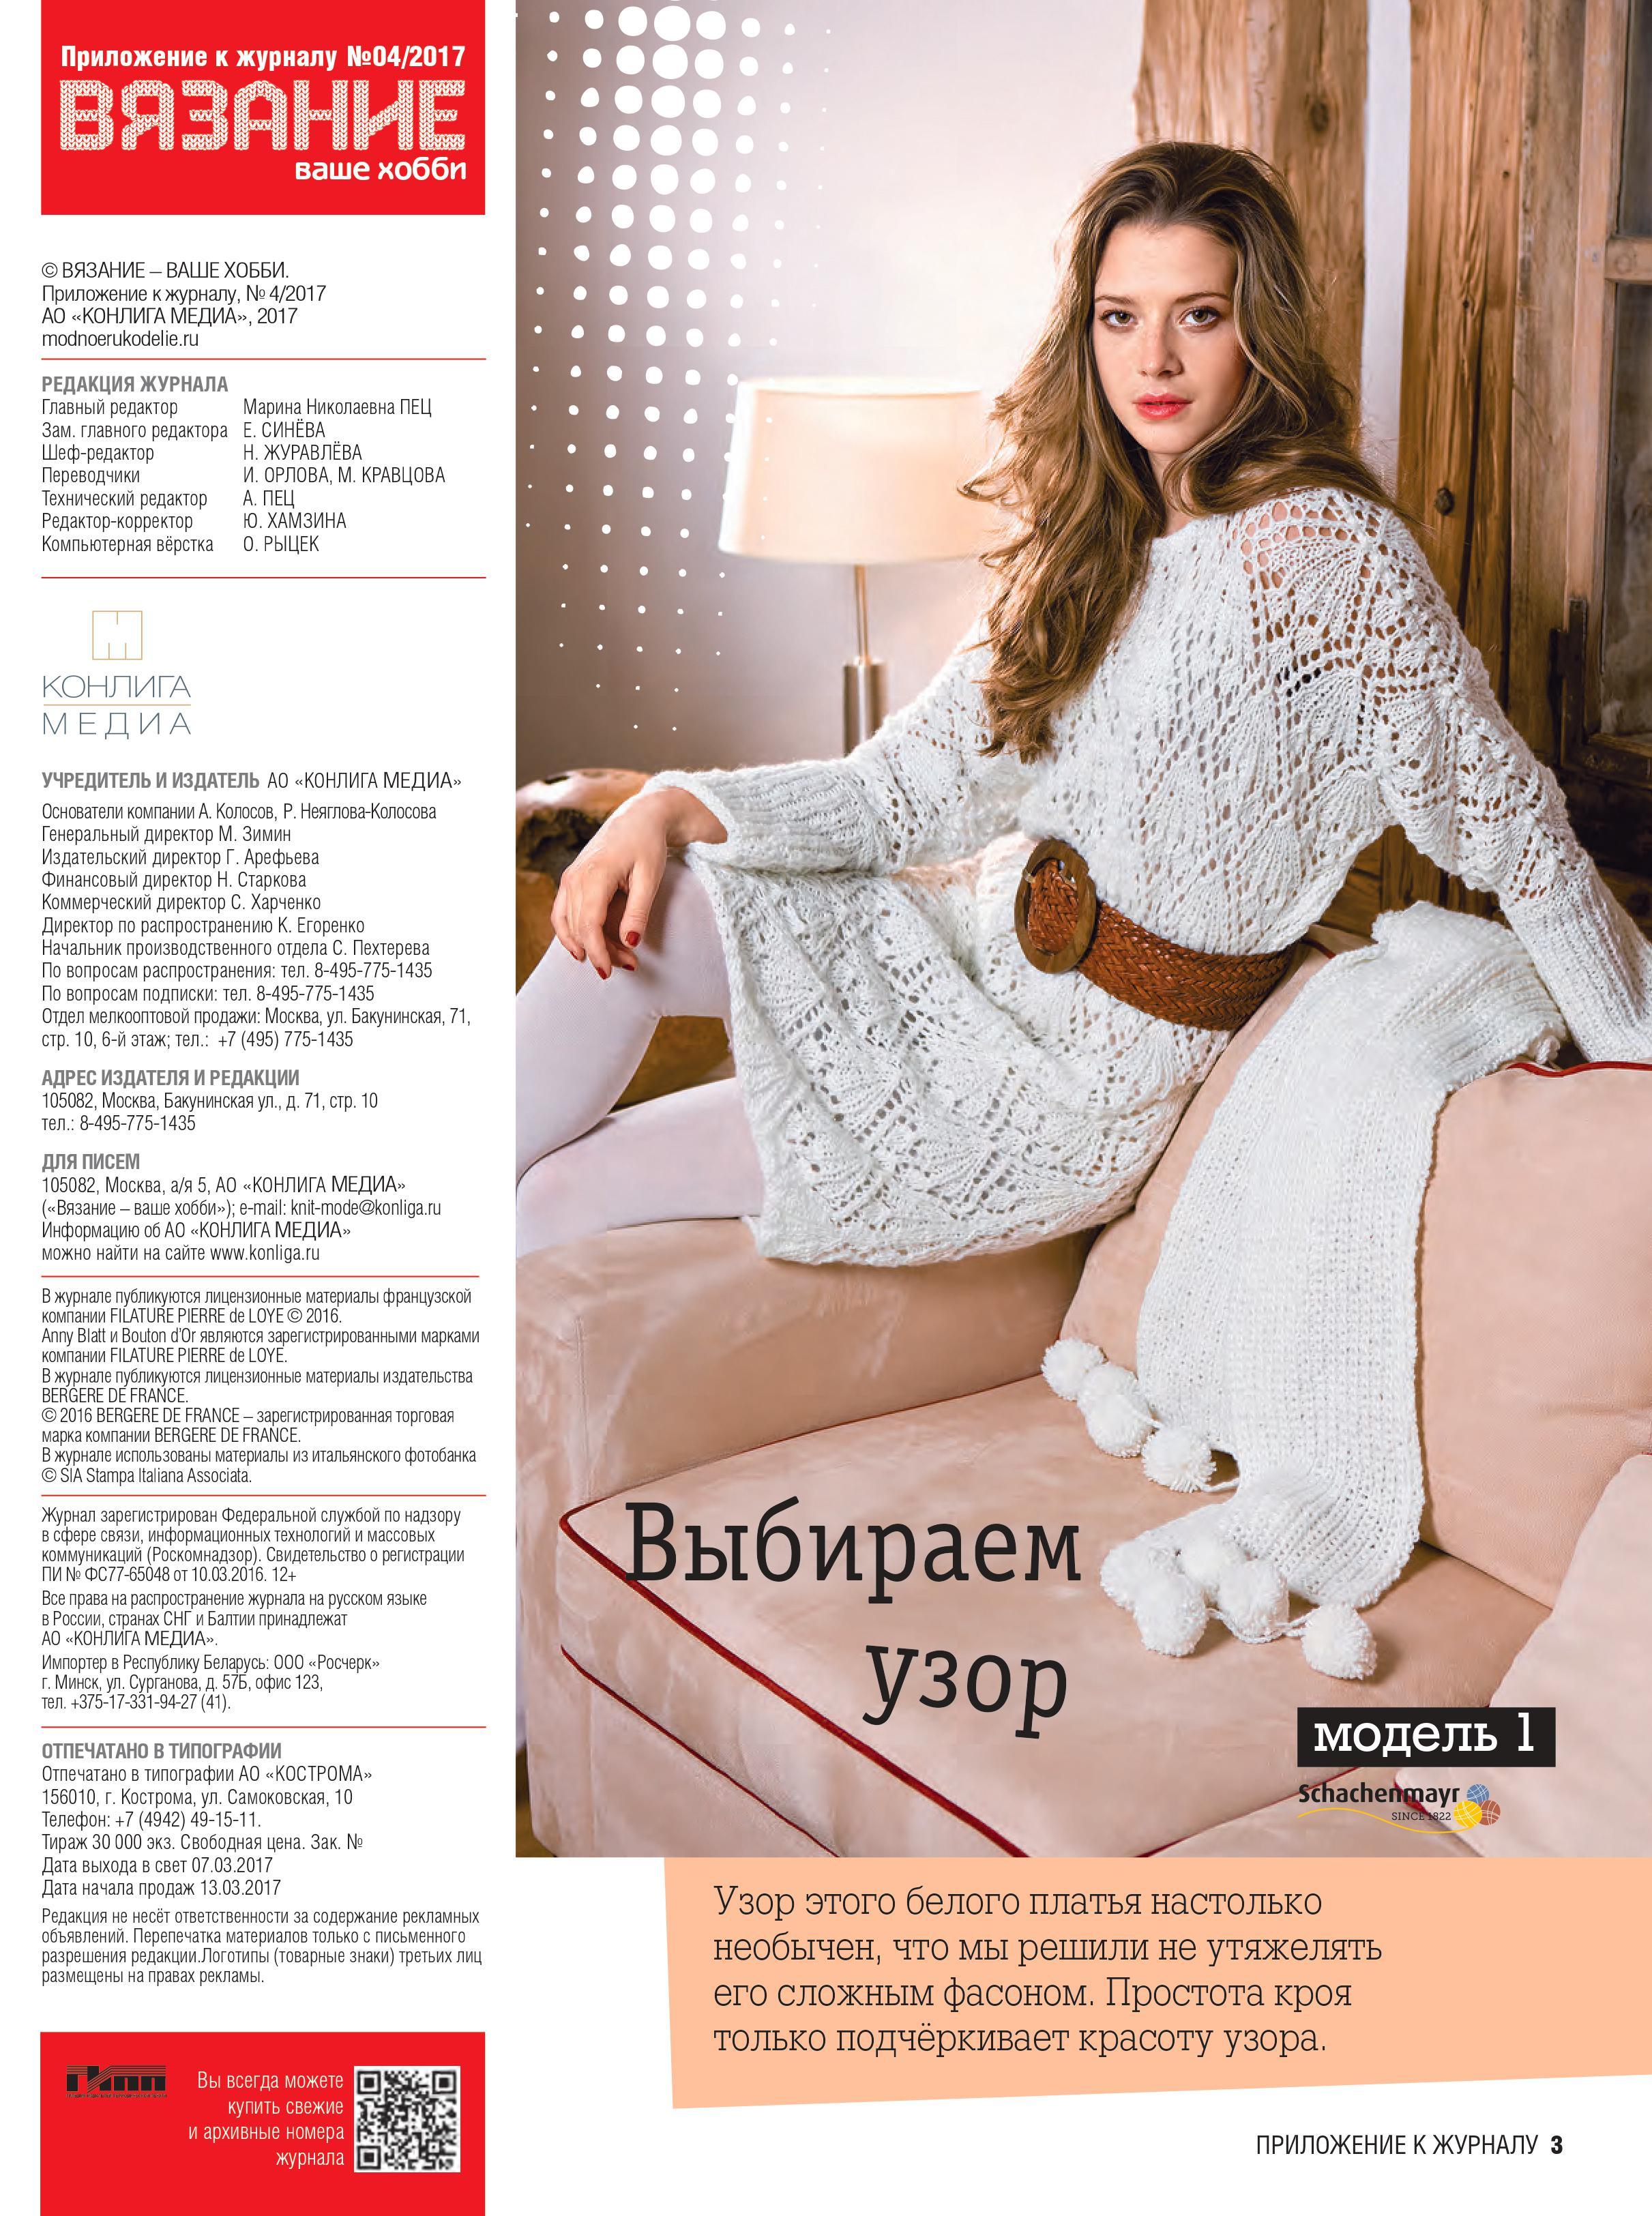 Дневники по вязанию на liveinternet ru